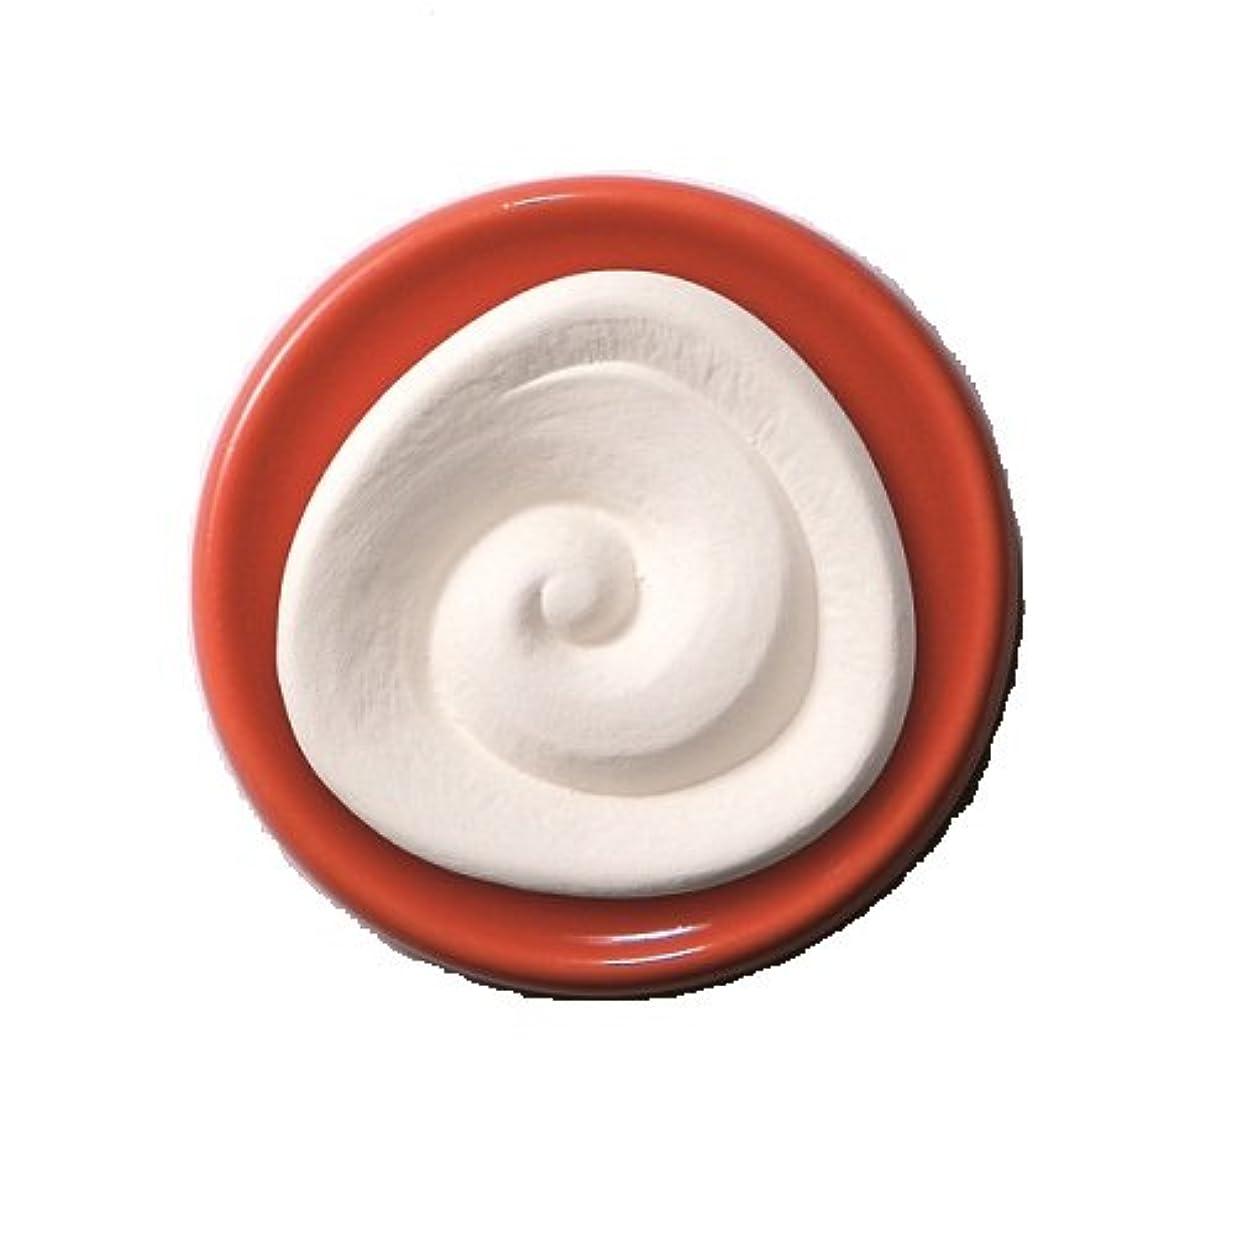 正気造船電話するNeumond(ノイモンド)香りの小皿 スパイラル